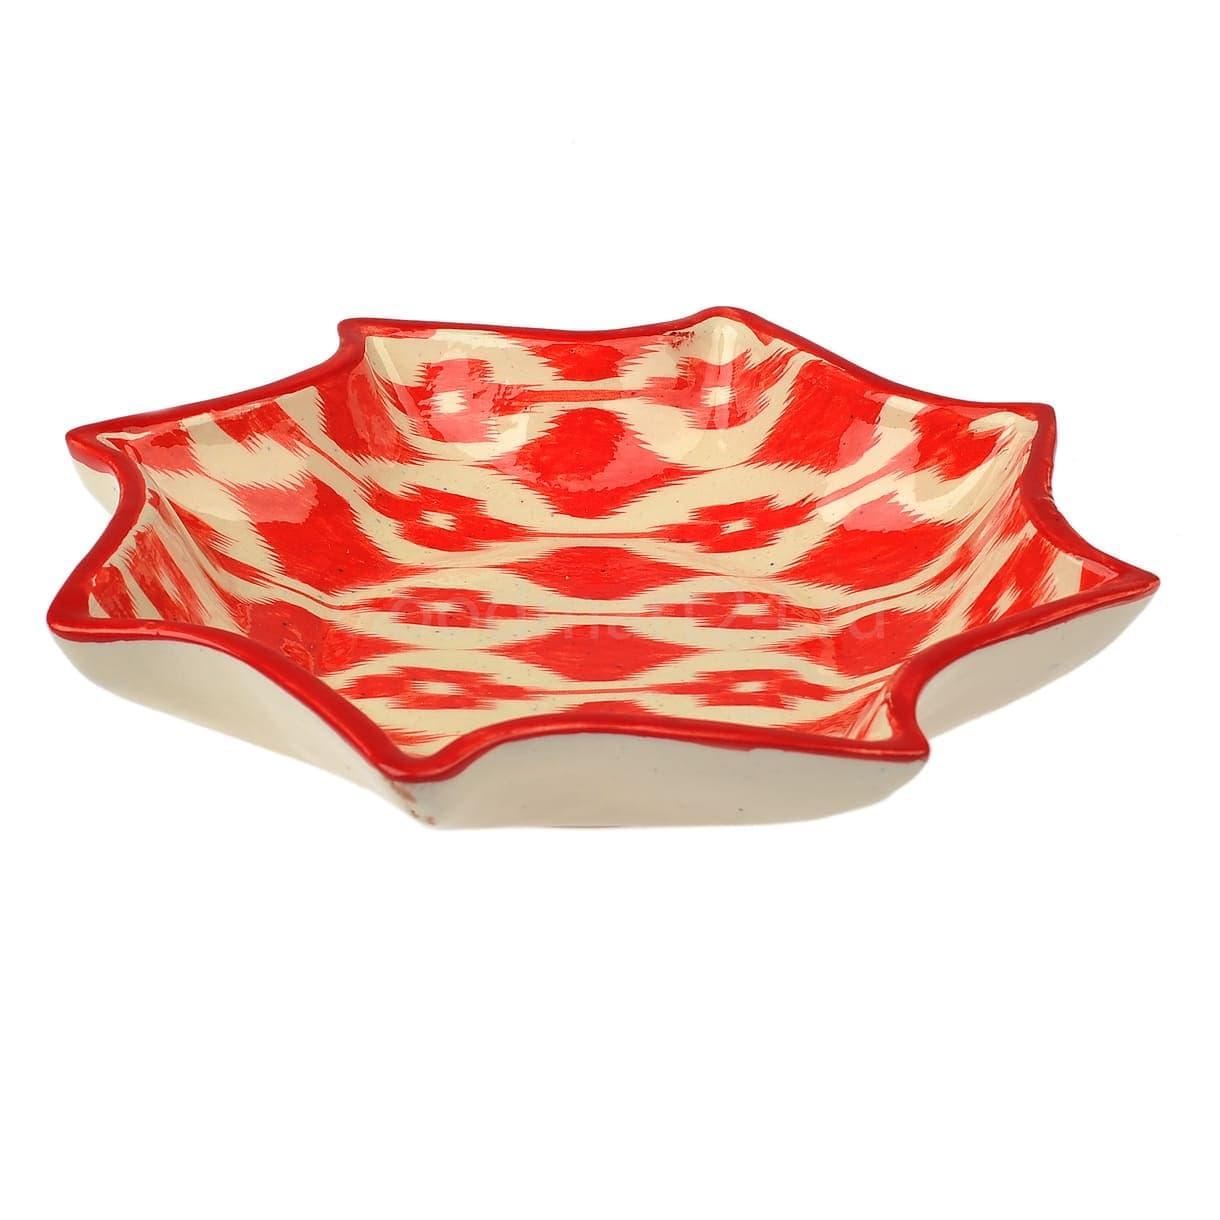 Салатница набор из 9 блюд 42 см. Красный Атлас - фото 9435